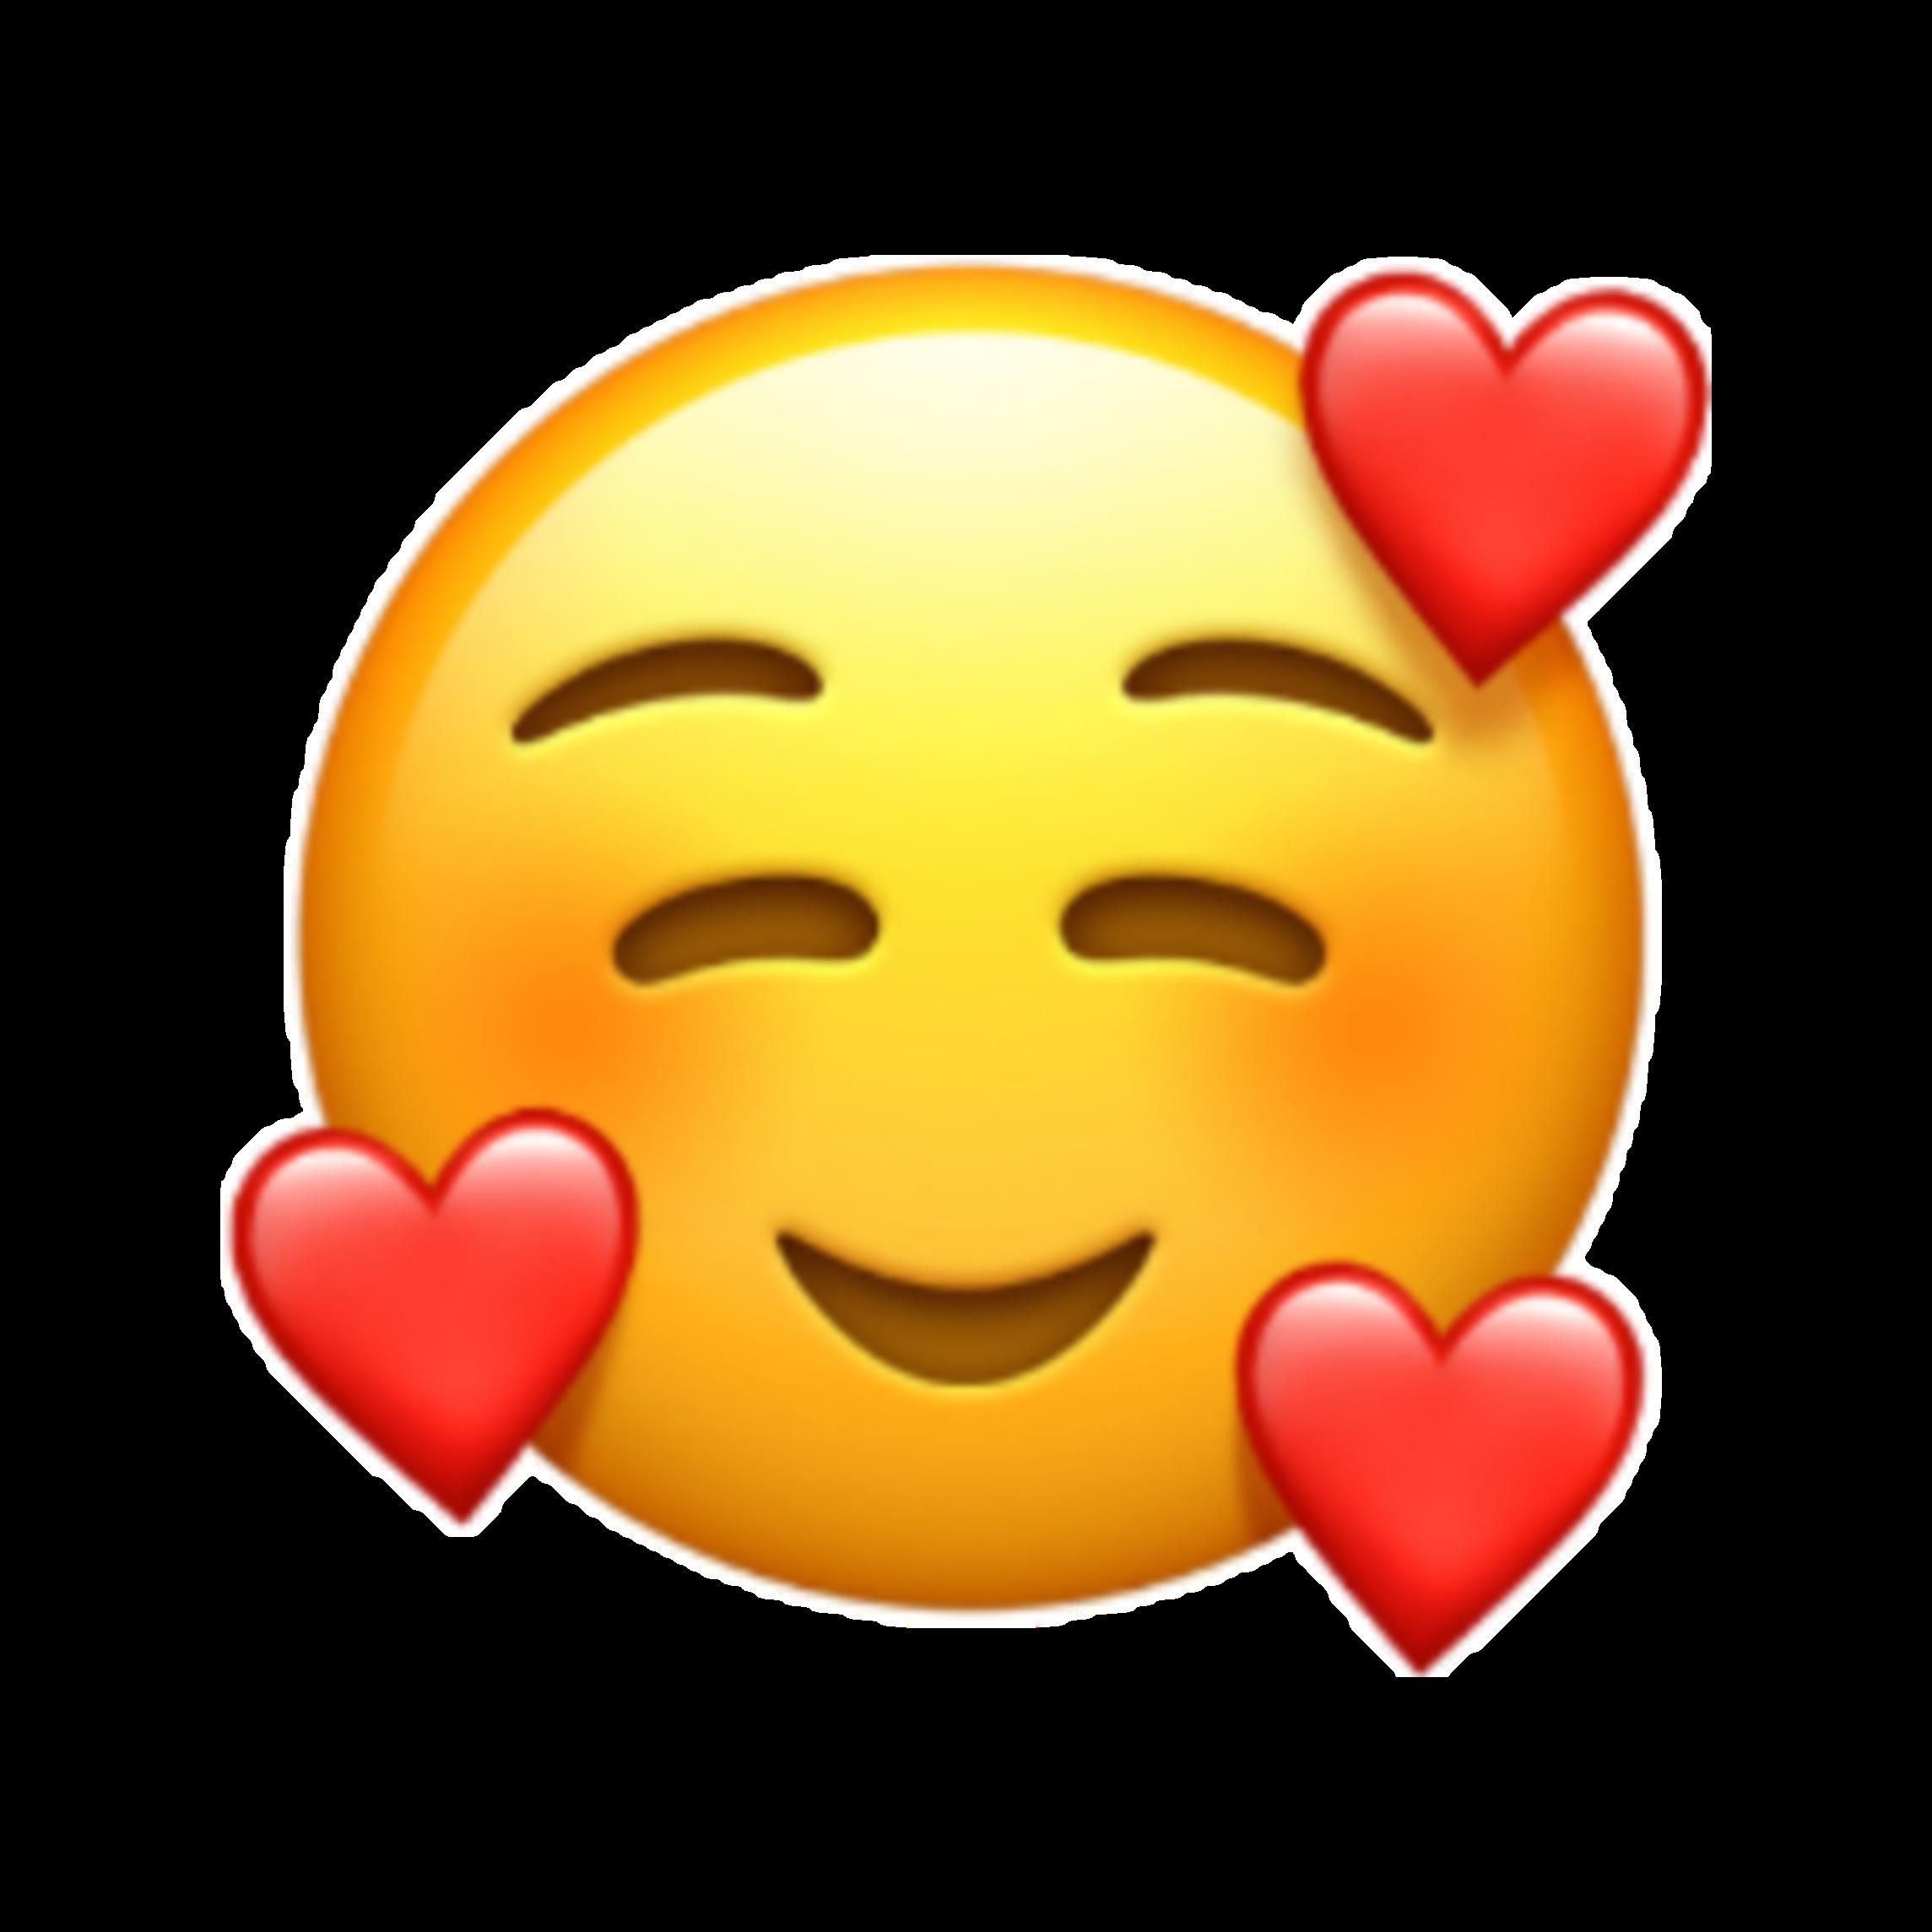 iphone iphoneemoji emoji emojis emojisticker heart happ...